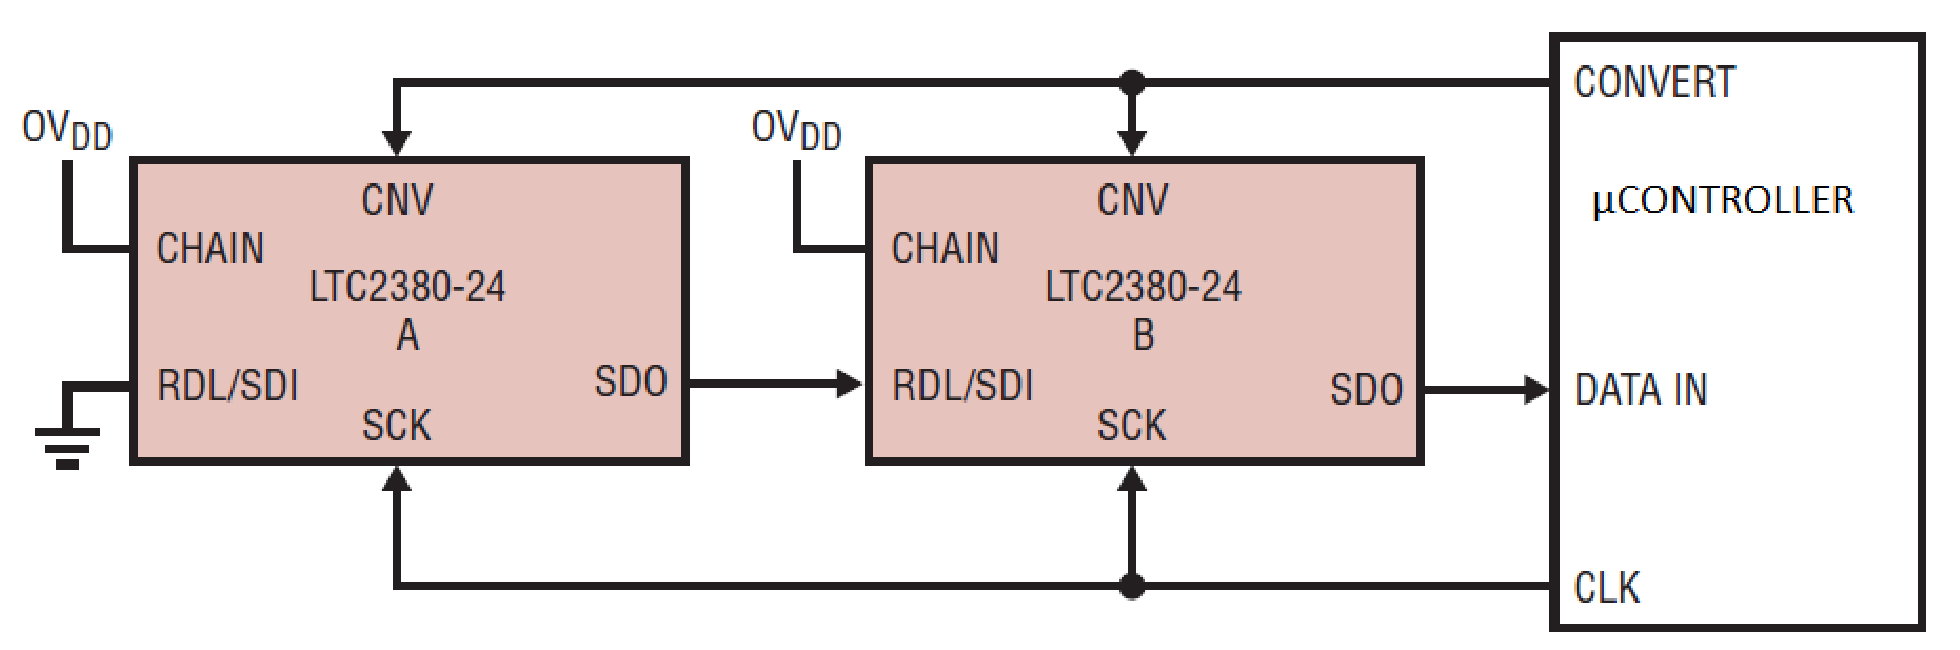 采用LTC2380-24转换器将分布式读取与链模式进行同时使用